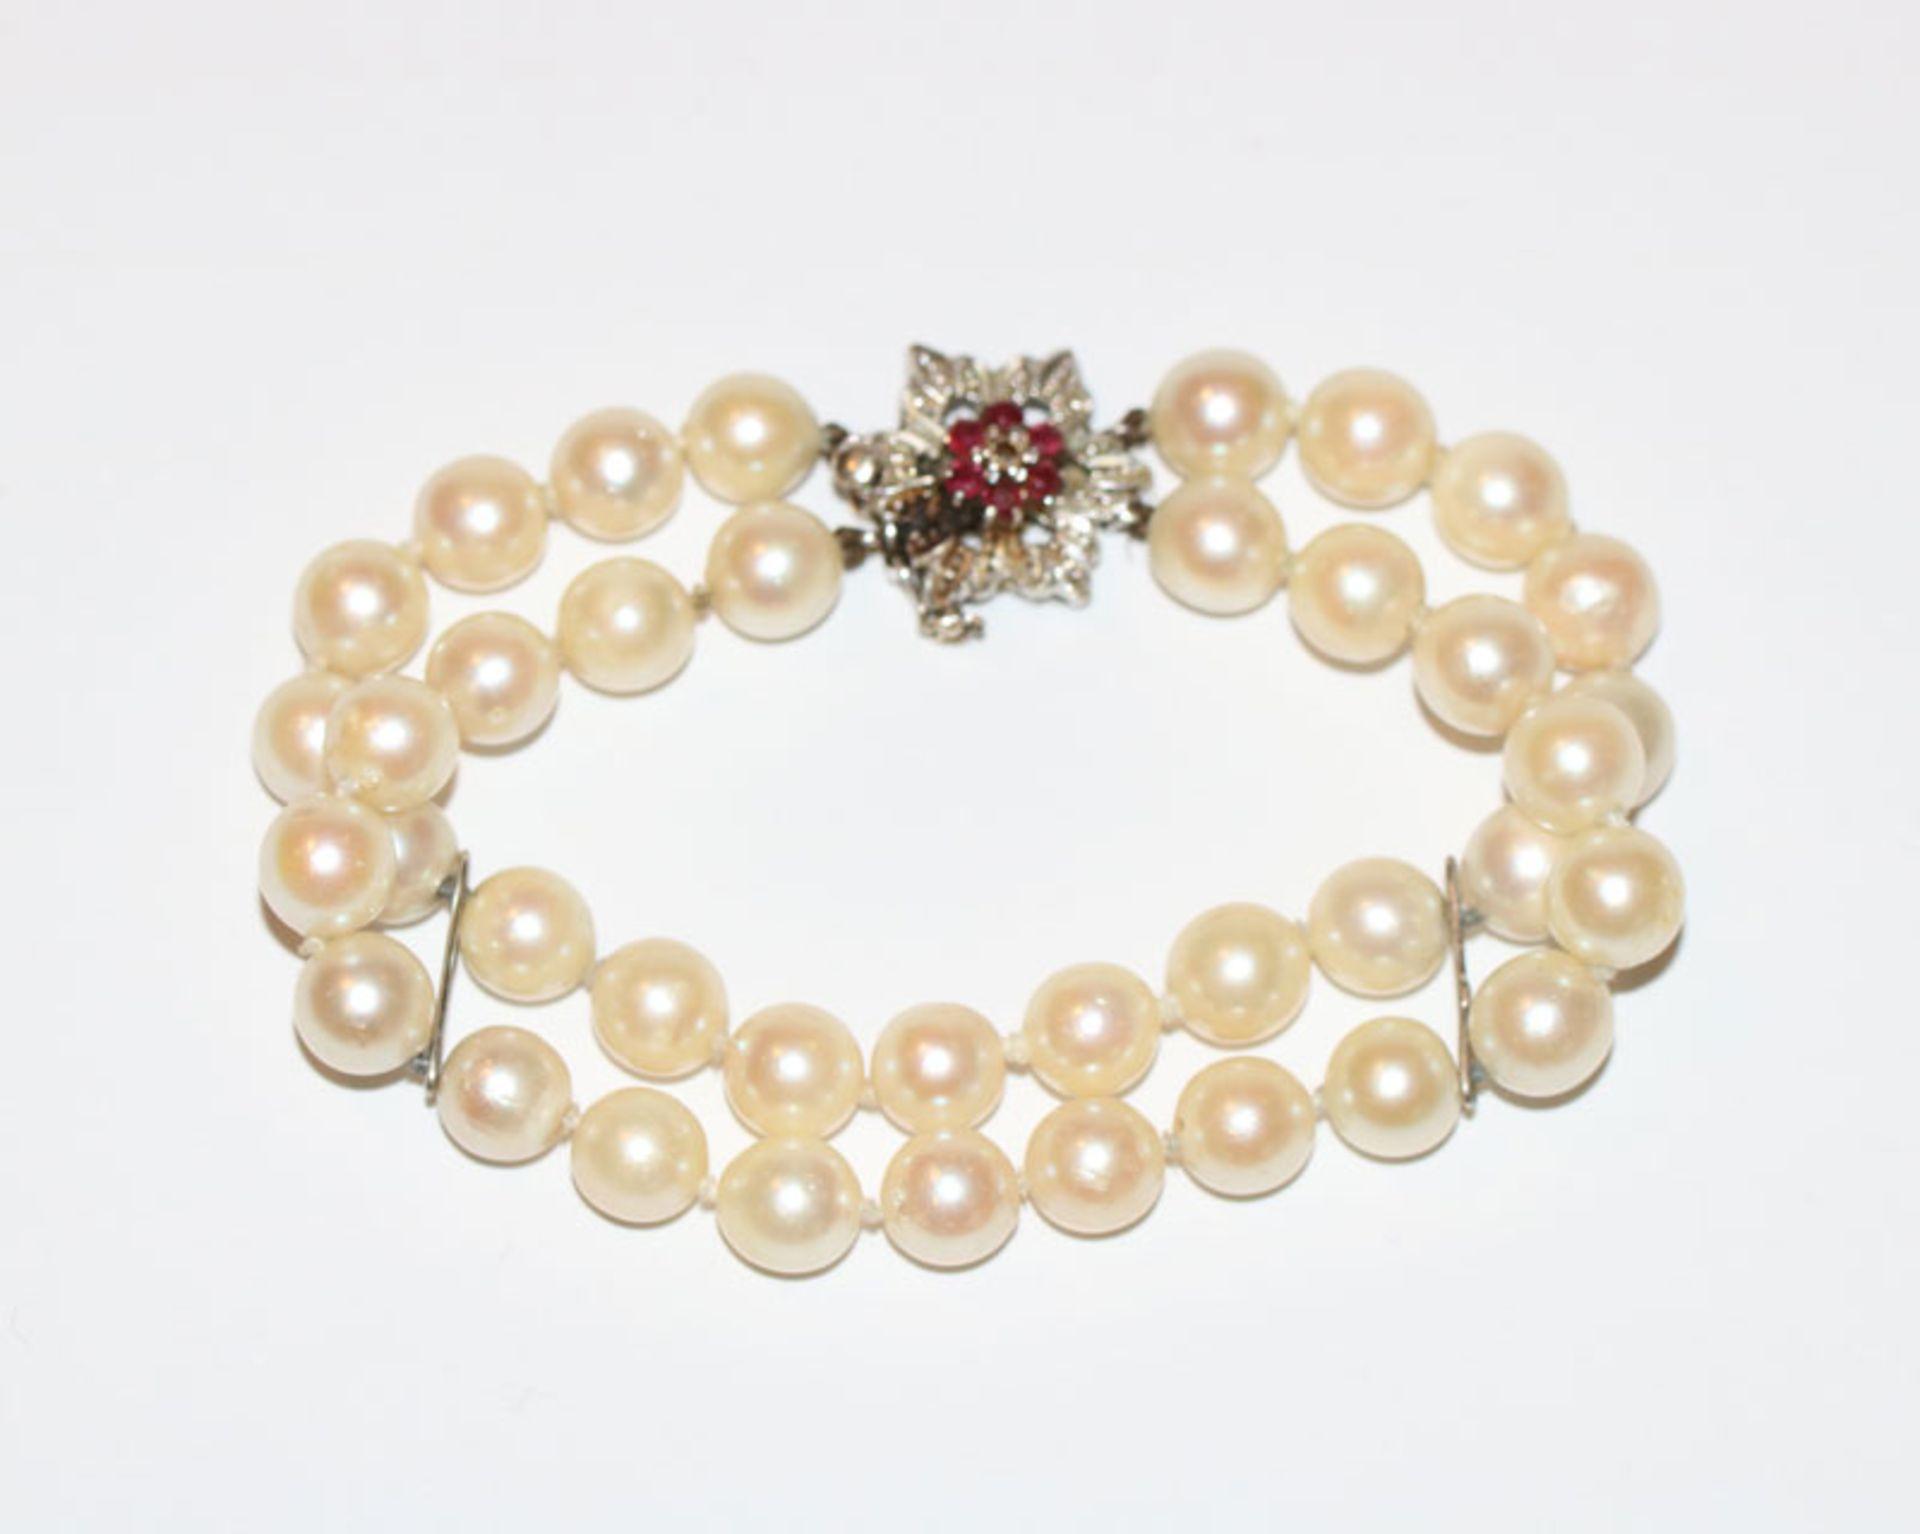 Perlen-Armband, 2-reihig mit 14 k Weißgold (geprüft) Stege und Schließe mit Rubinen, L 18 cm